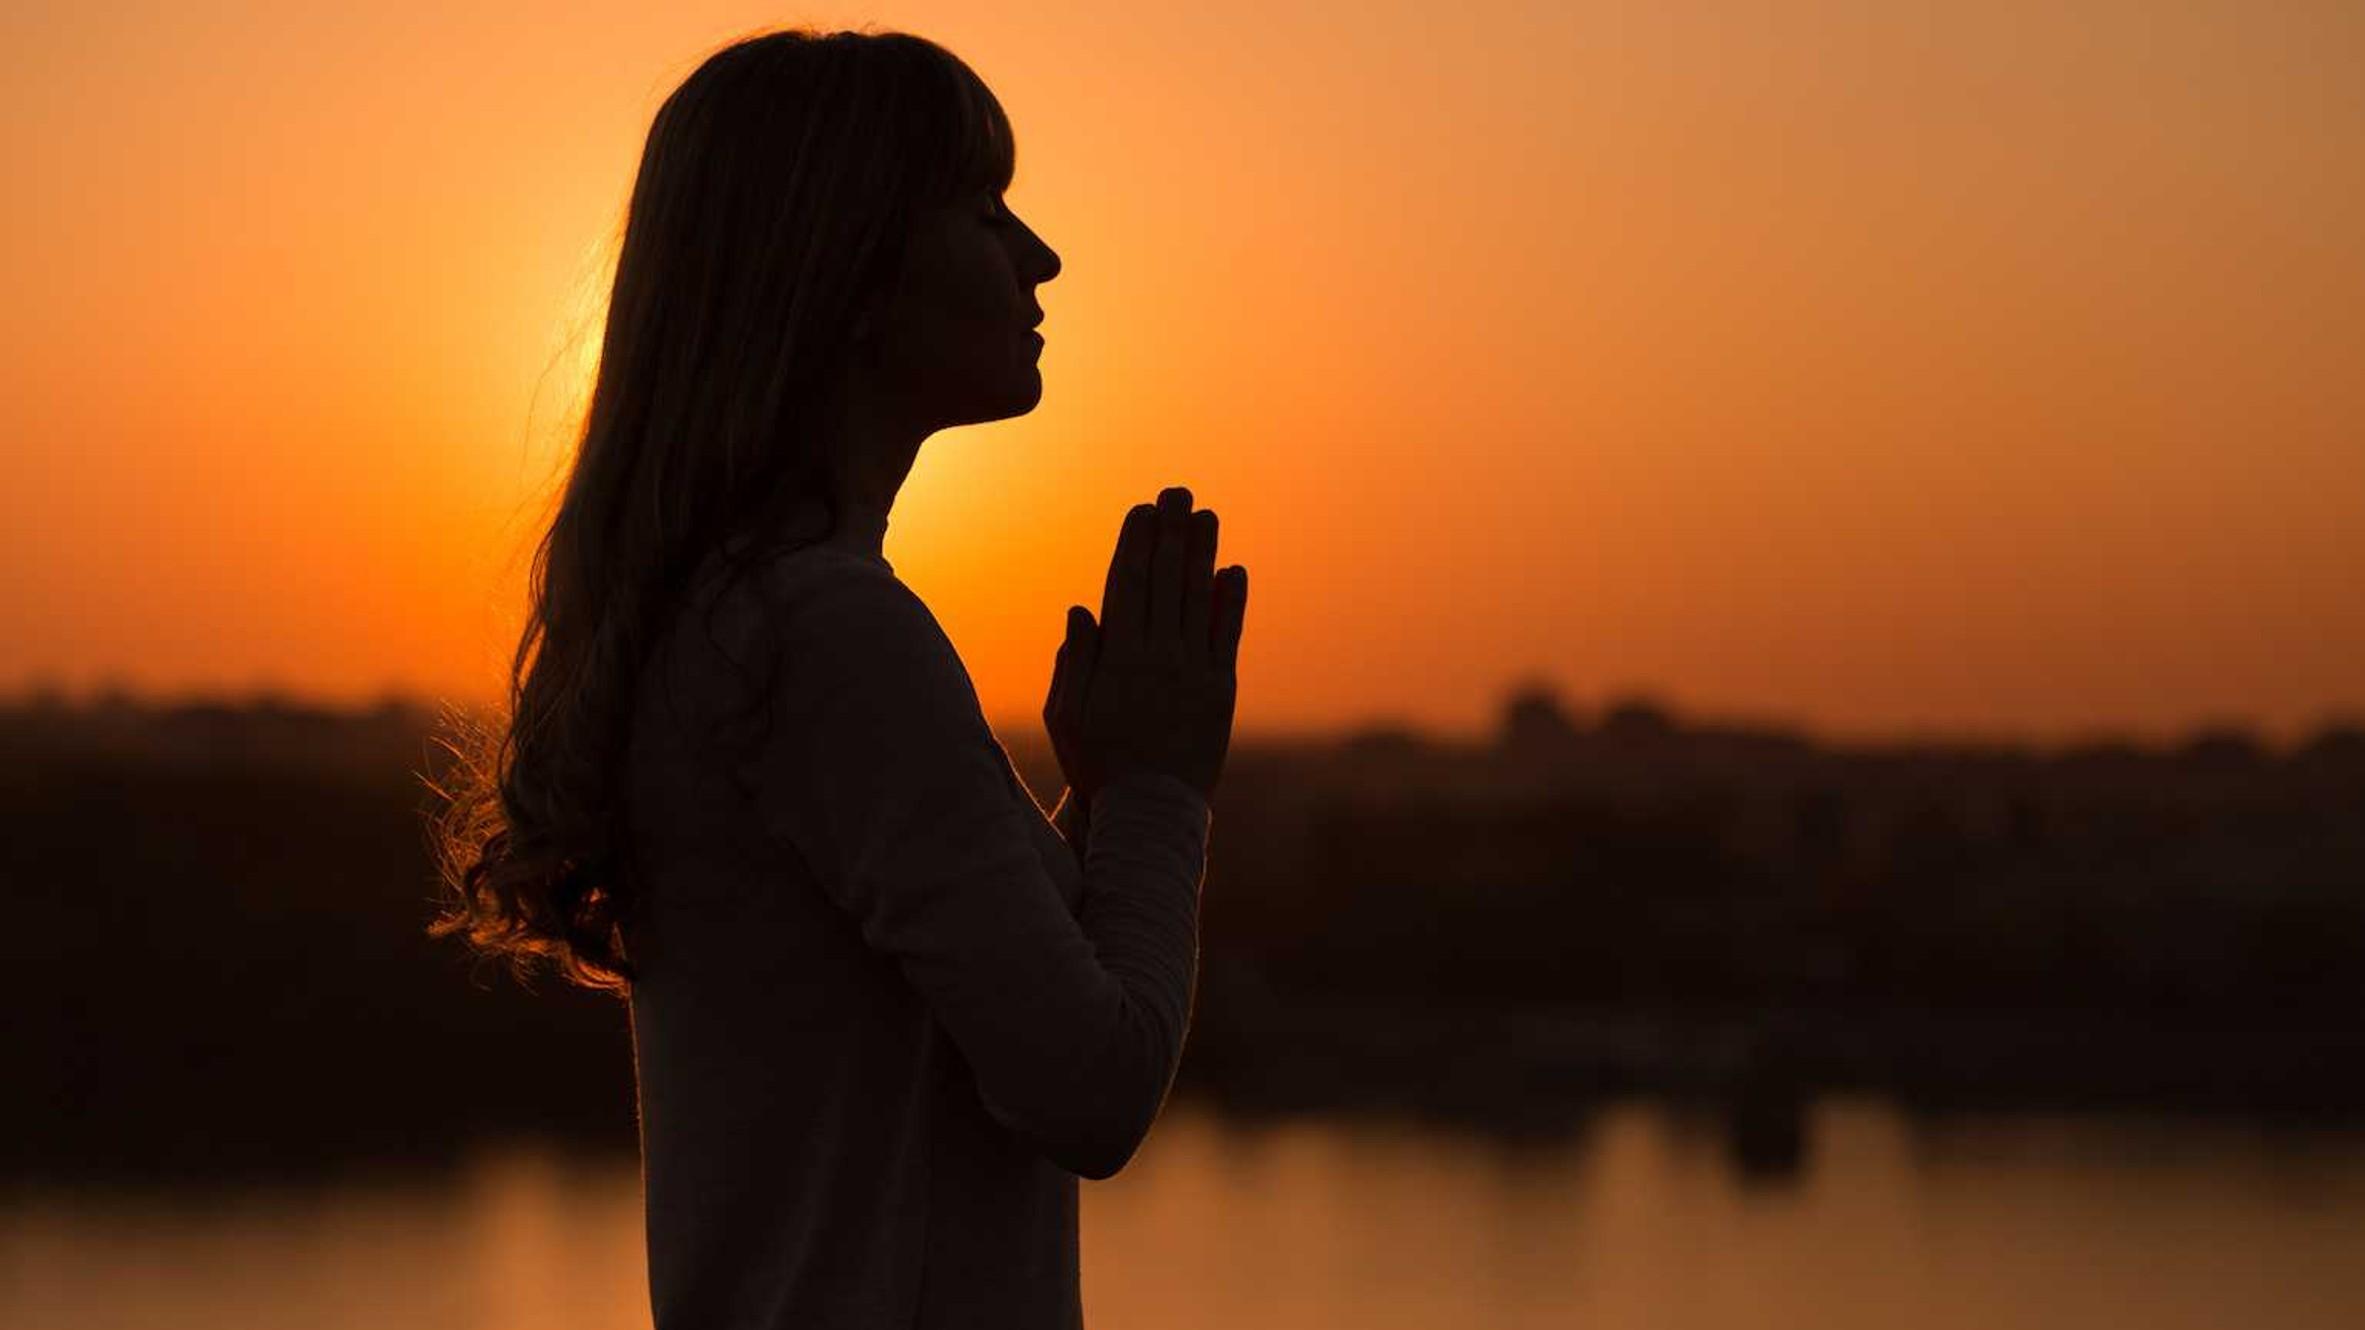 espiritualidade, quando, pessoa, participar, começa, espiritualizada, torna, importante, bastante, ritos, rezar, relacionados, podem, influenciar, funcionamento, Hábitos, organismo